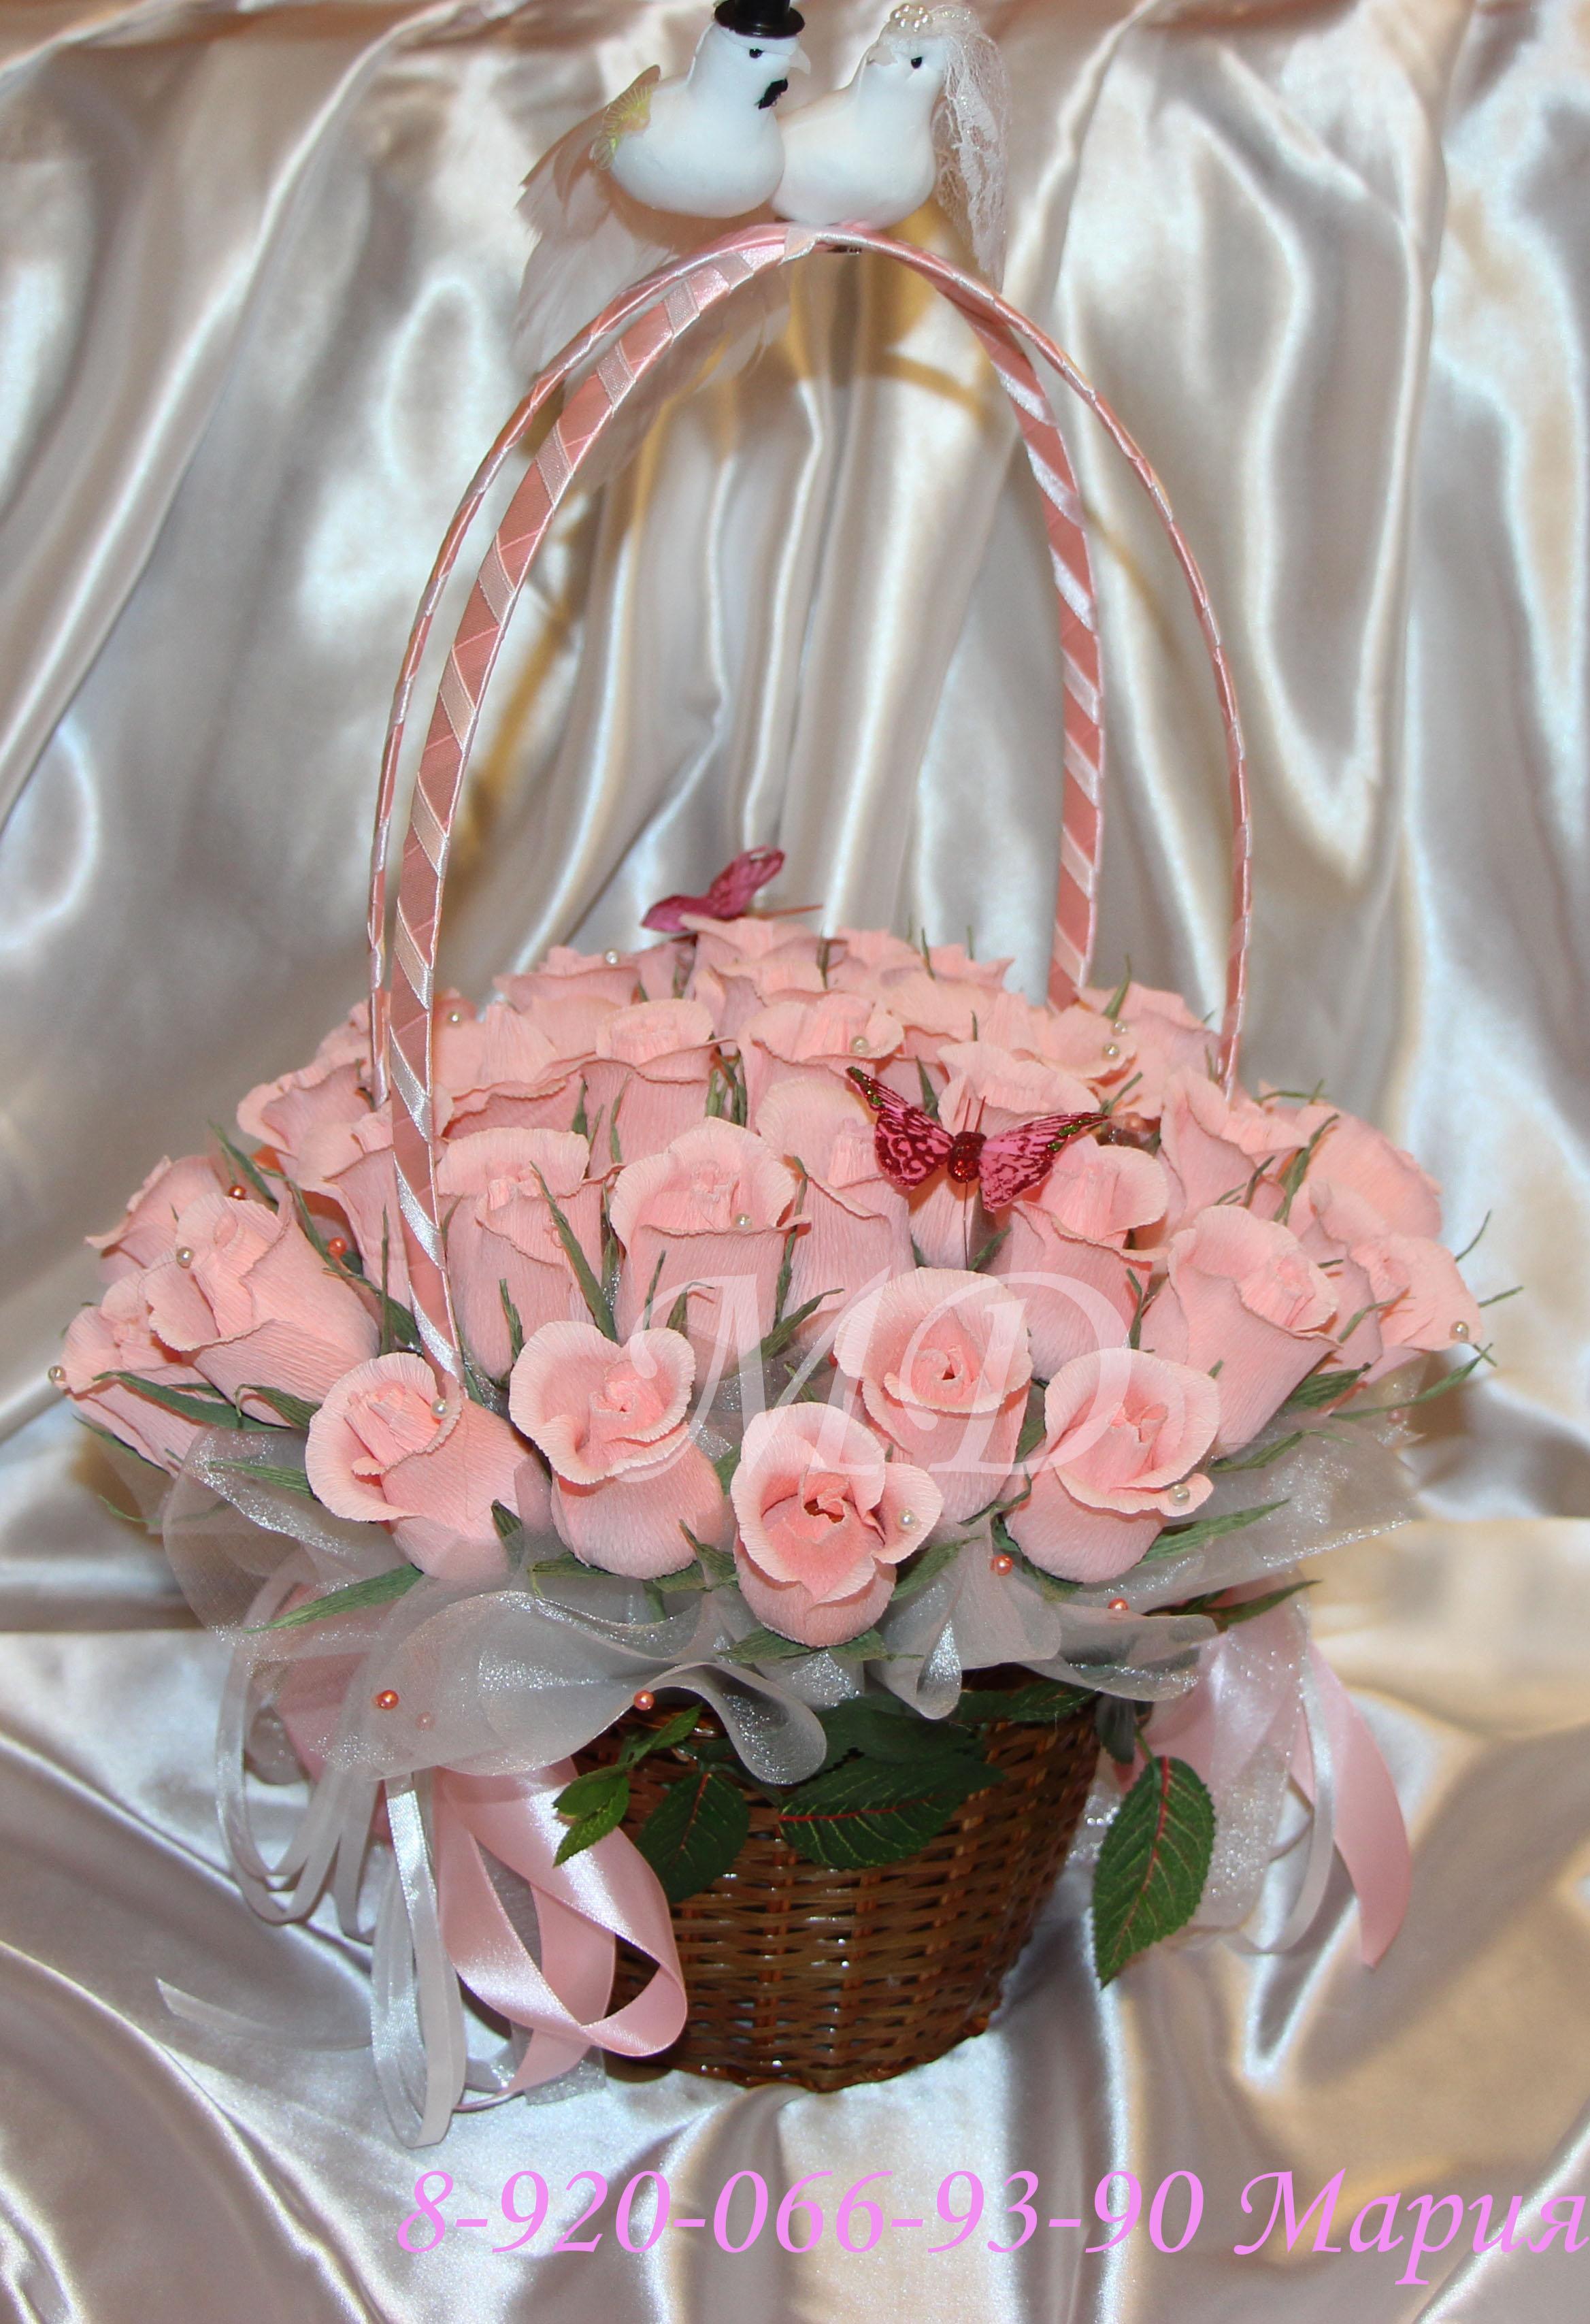 Букет на свадьбу в подарок молодоженам от родных и близких 35